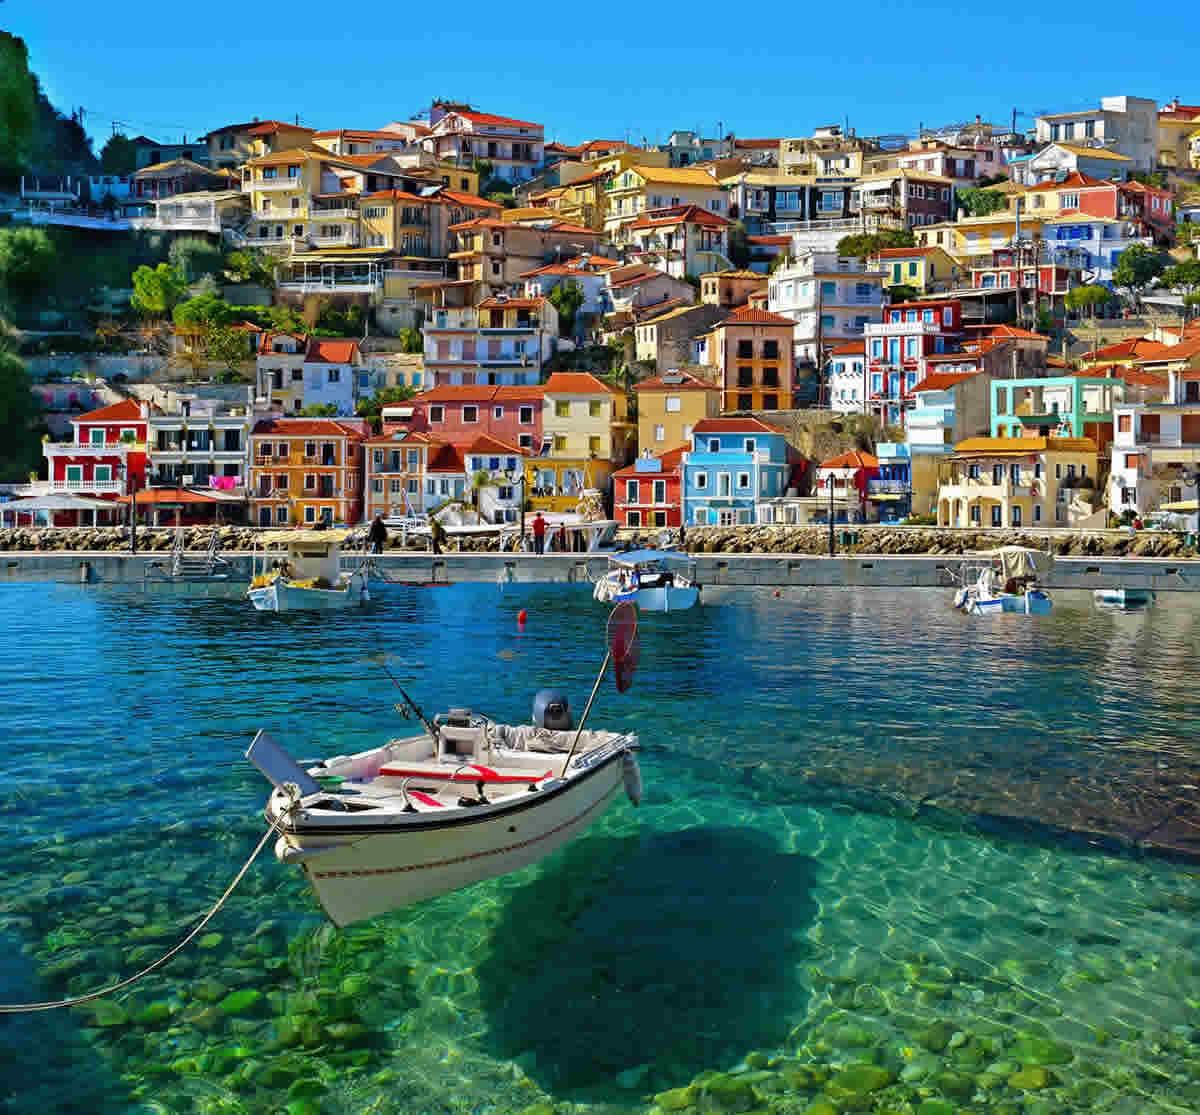 greciapaesaggio